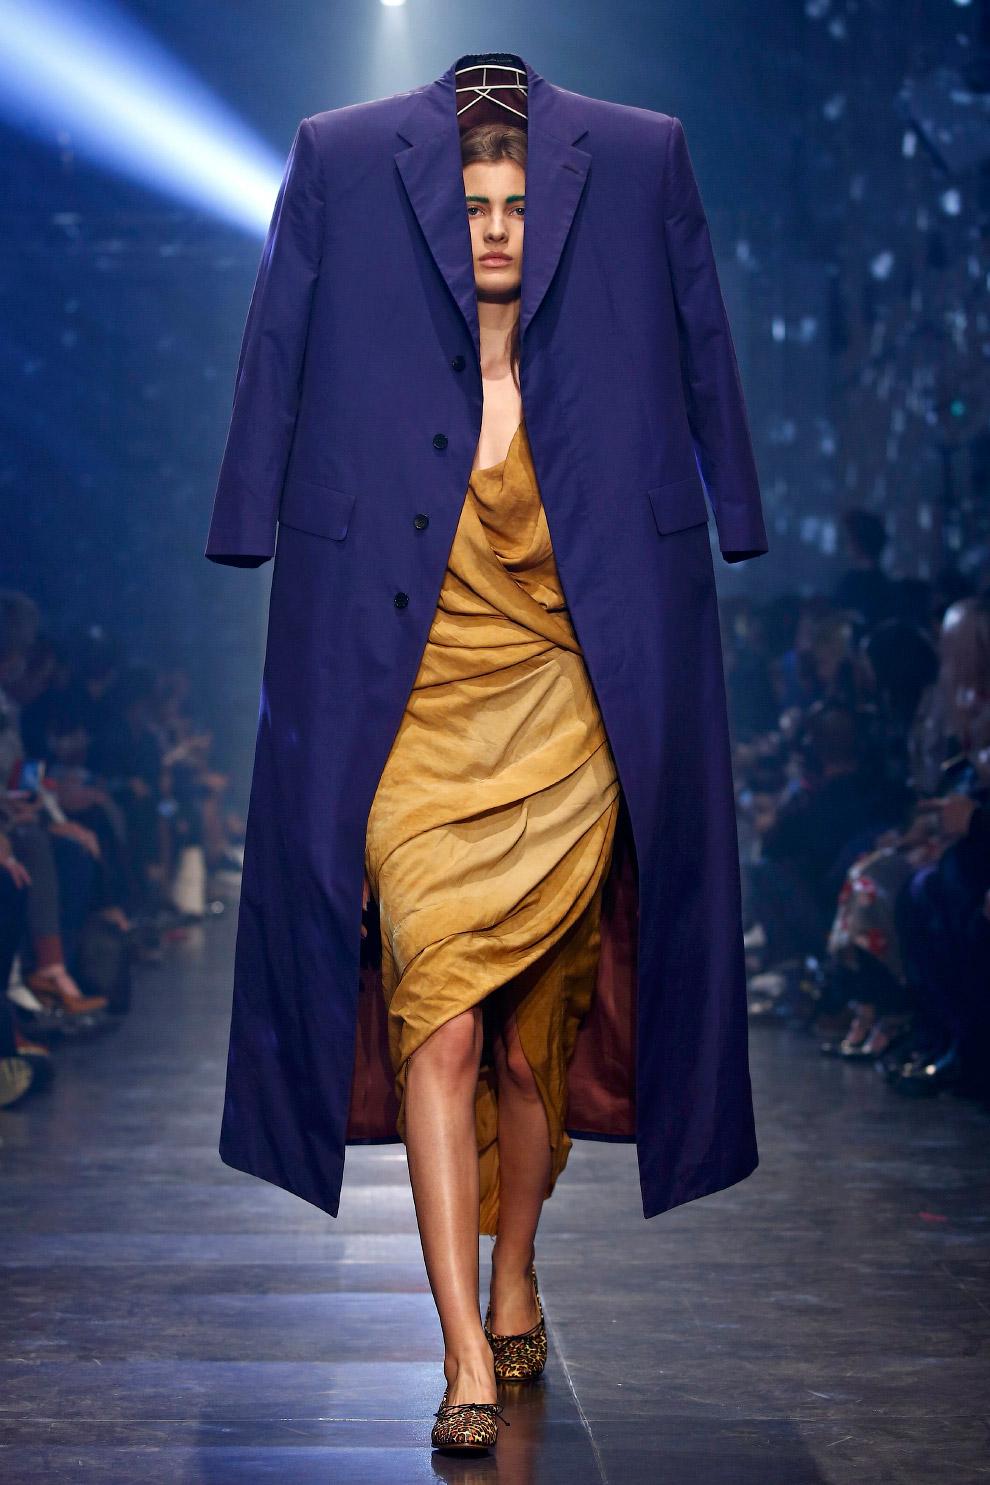 Еще одна стильная модель из коллекции весна/лето 2016 от дизайнера Вивьен Вествуд